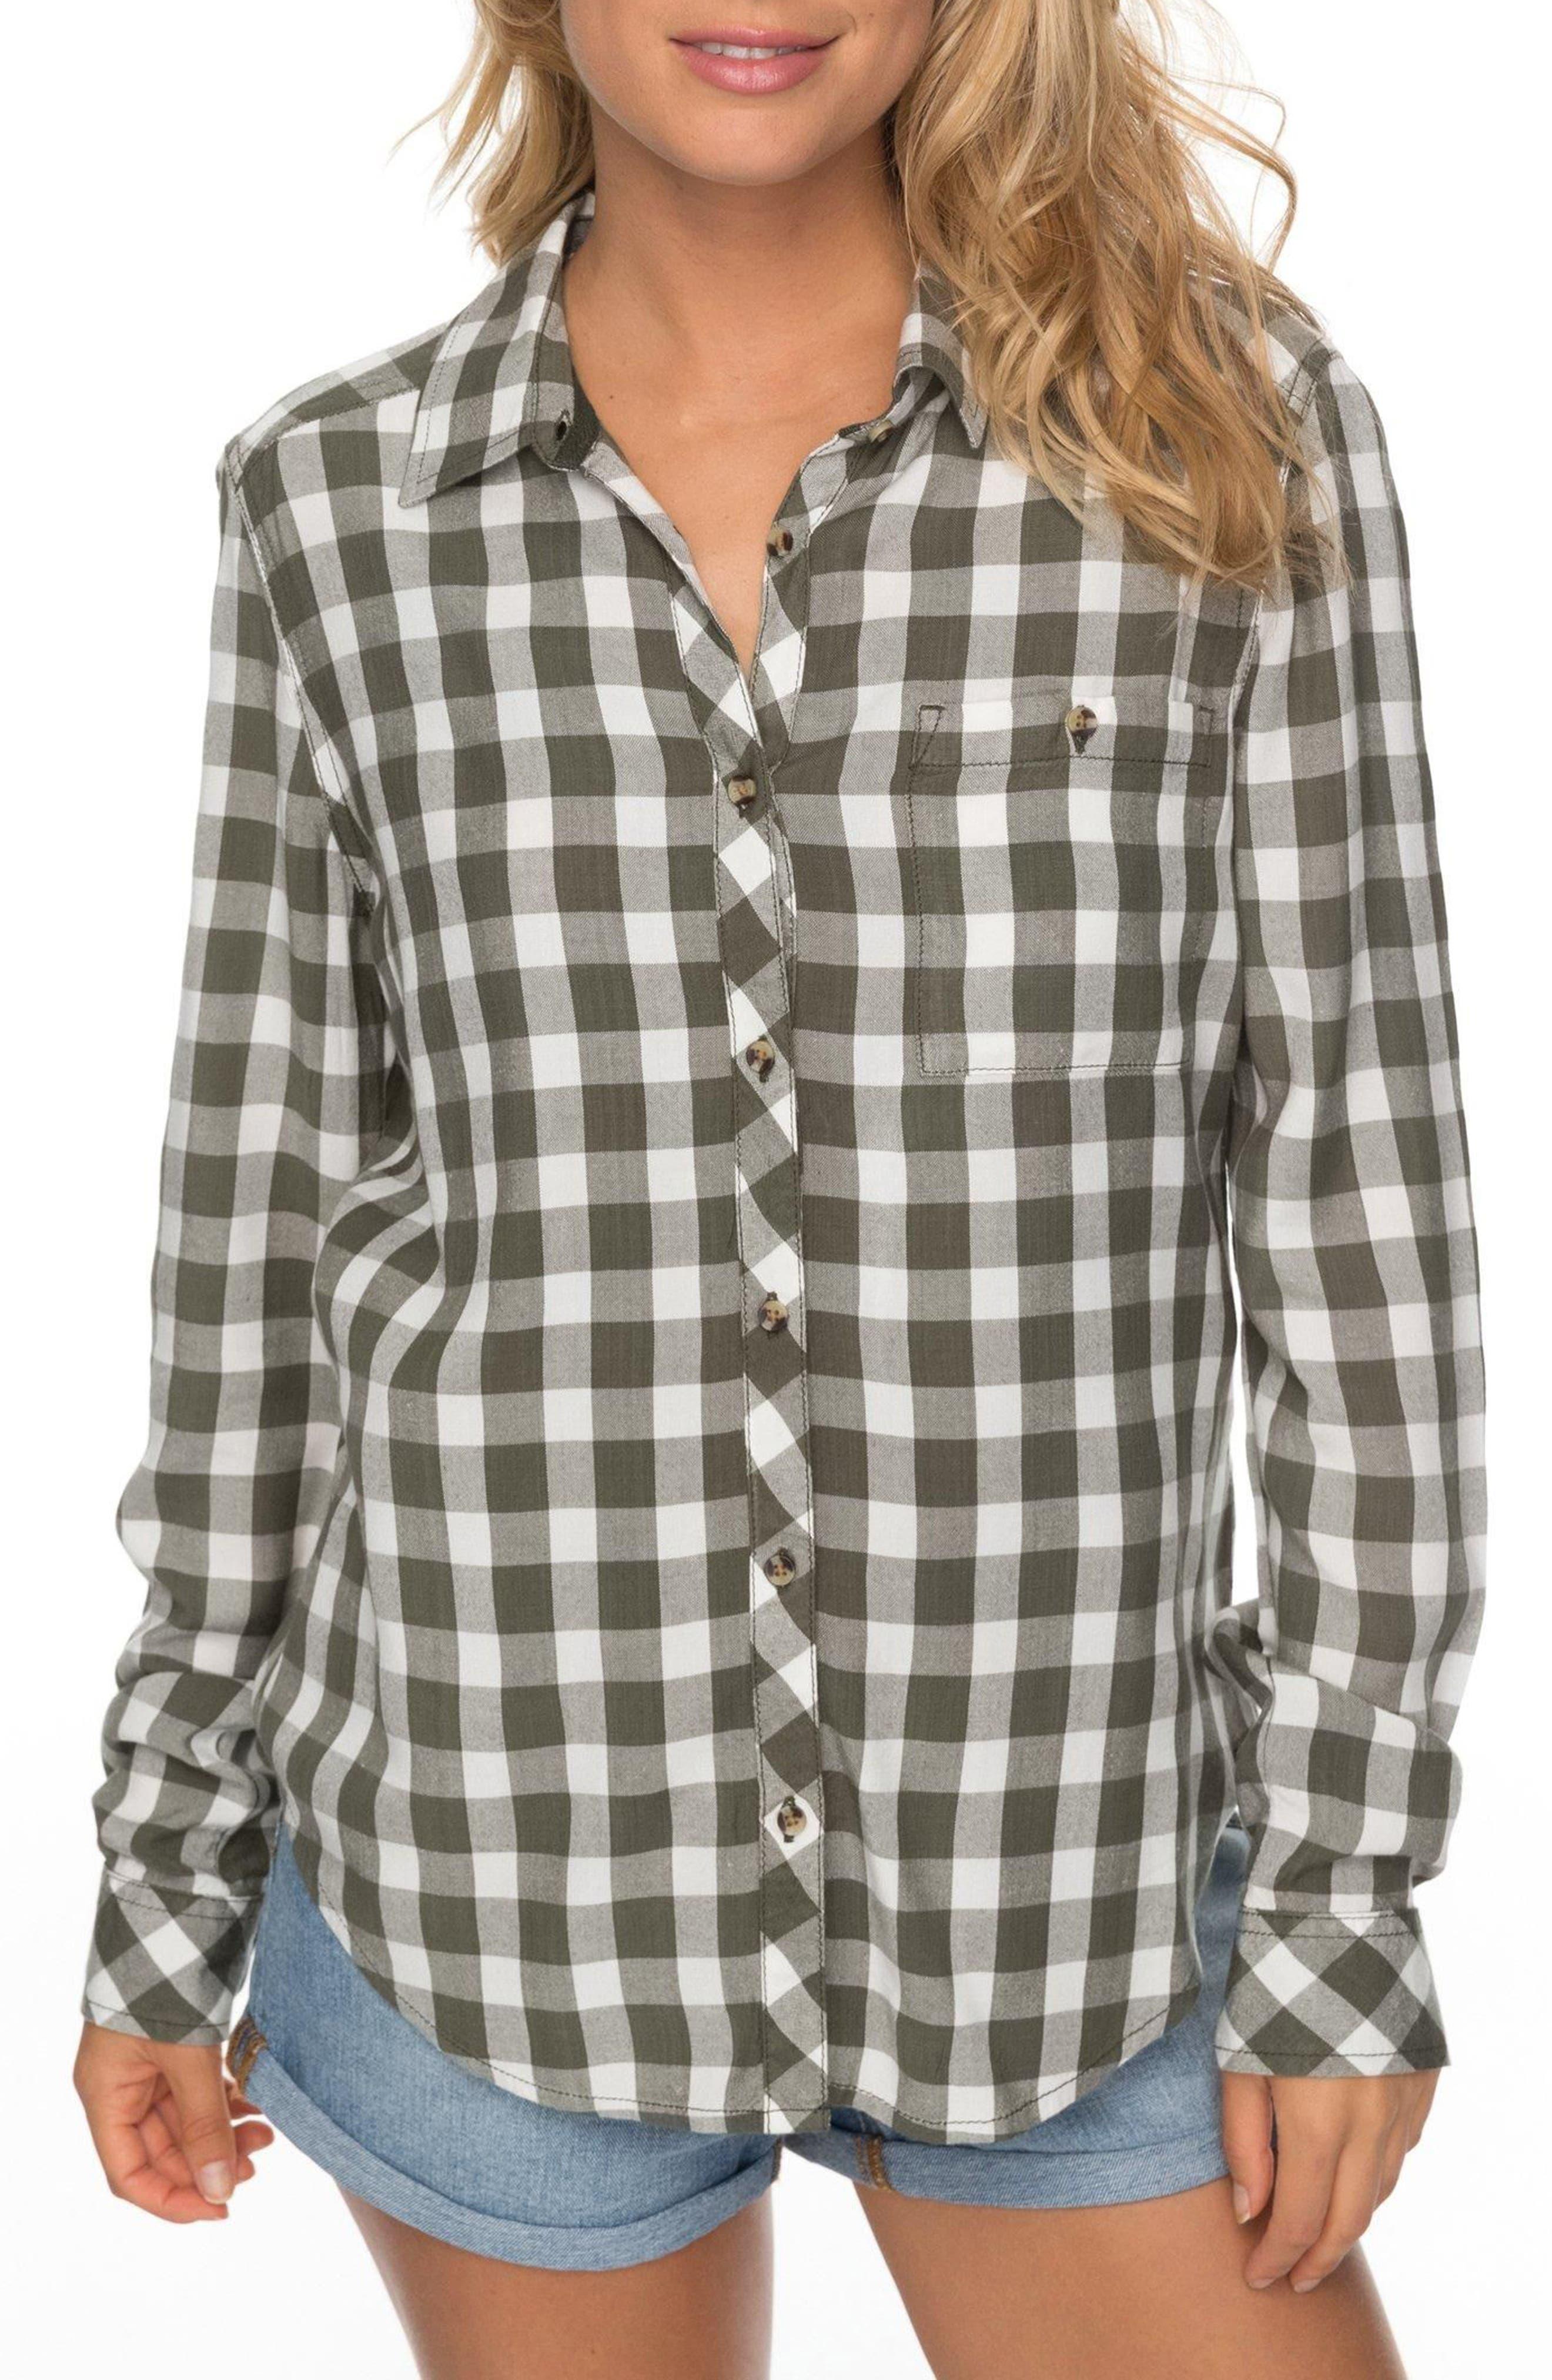 Capital Dream Check Shirt,                             Main thumbnail 1, color,                             300